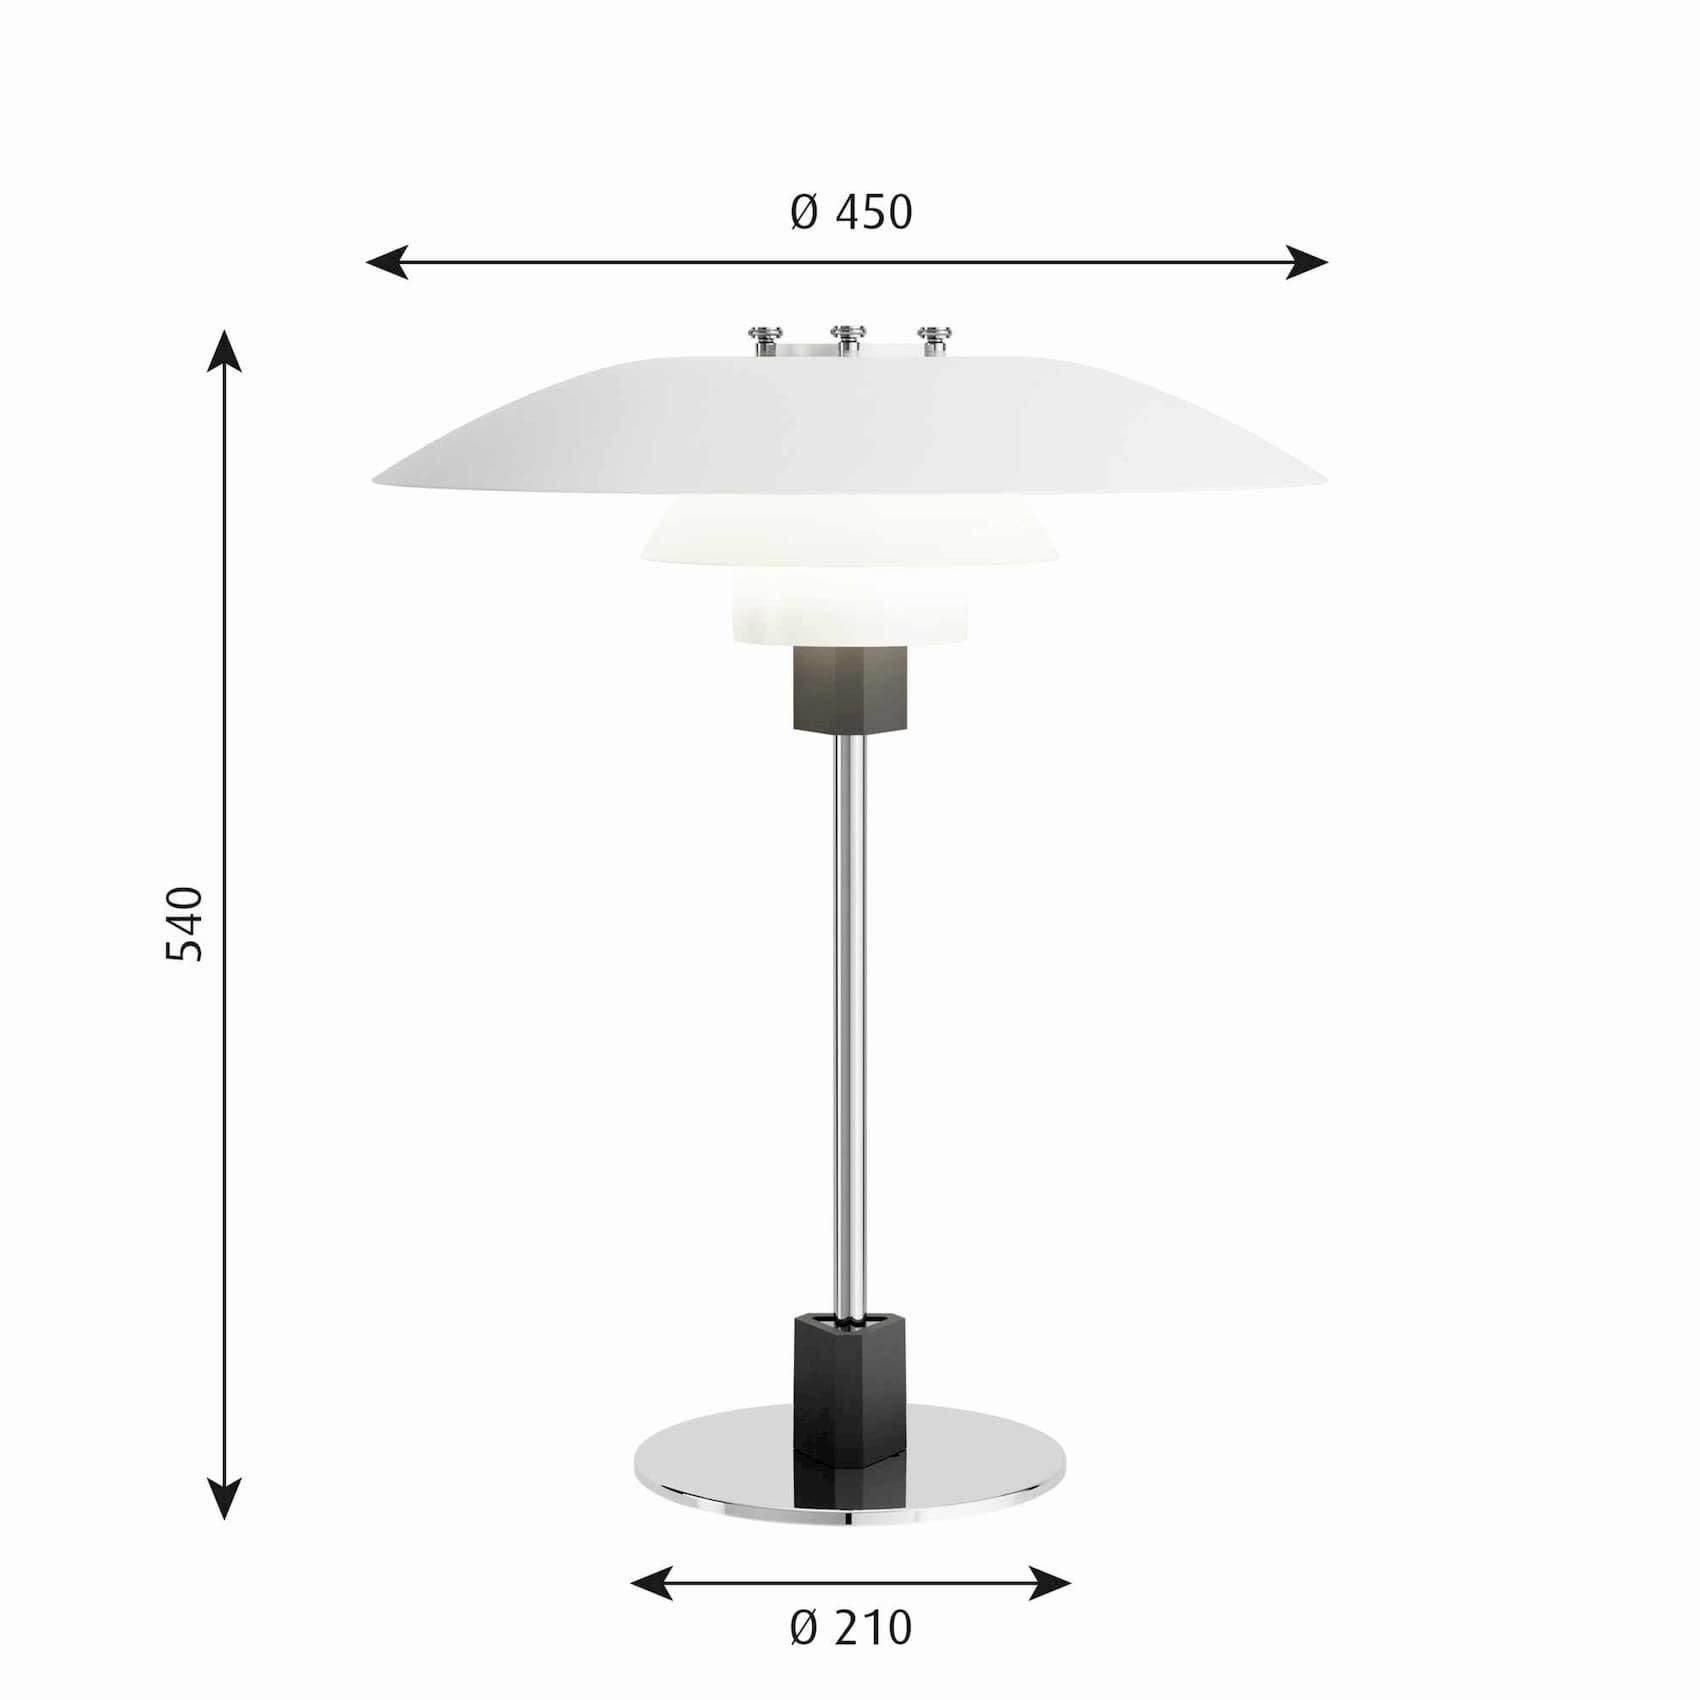 louis-poulsen-ph-4-3-table-lamp-dimensions